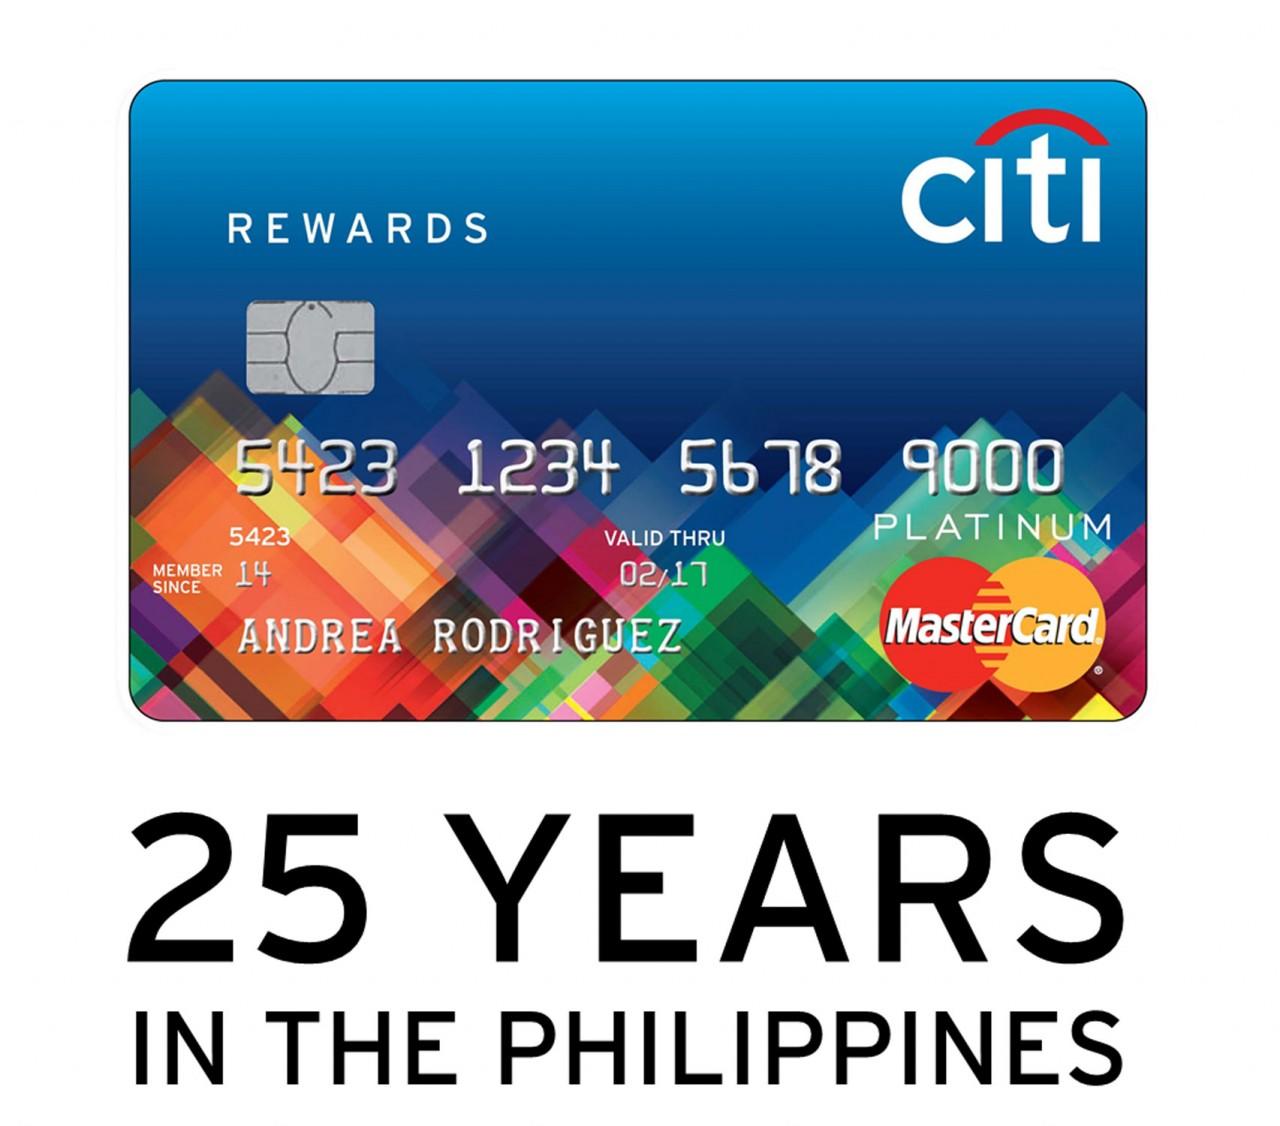 Citi Card Promo